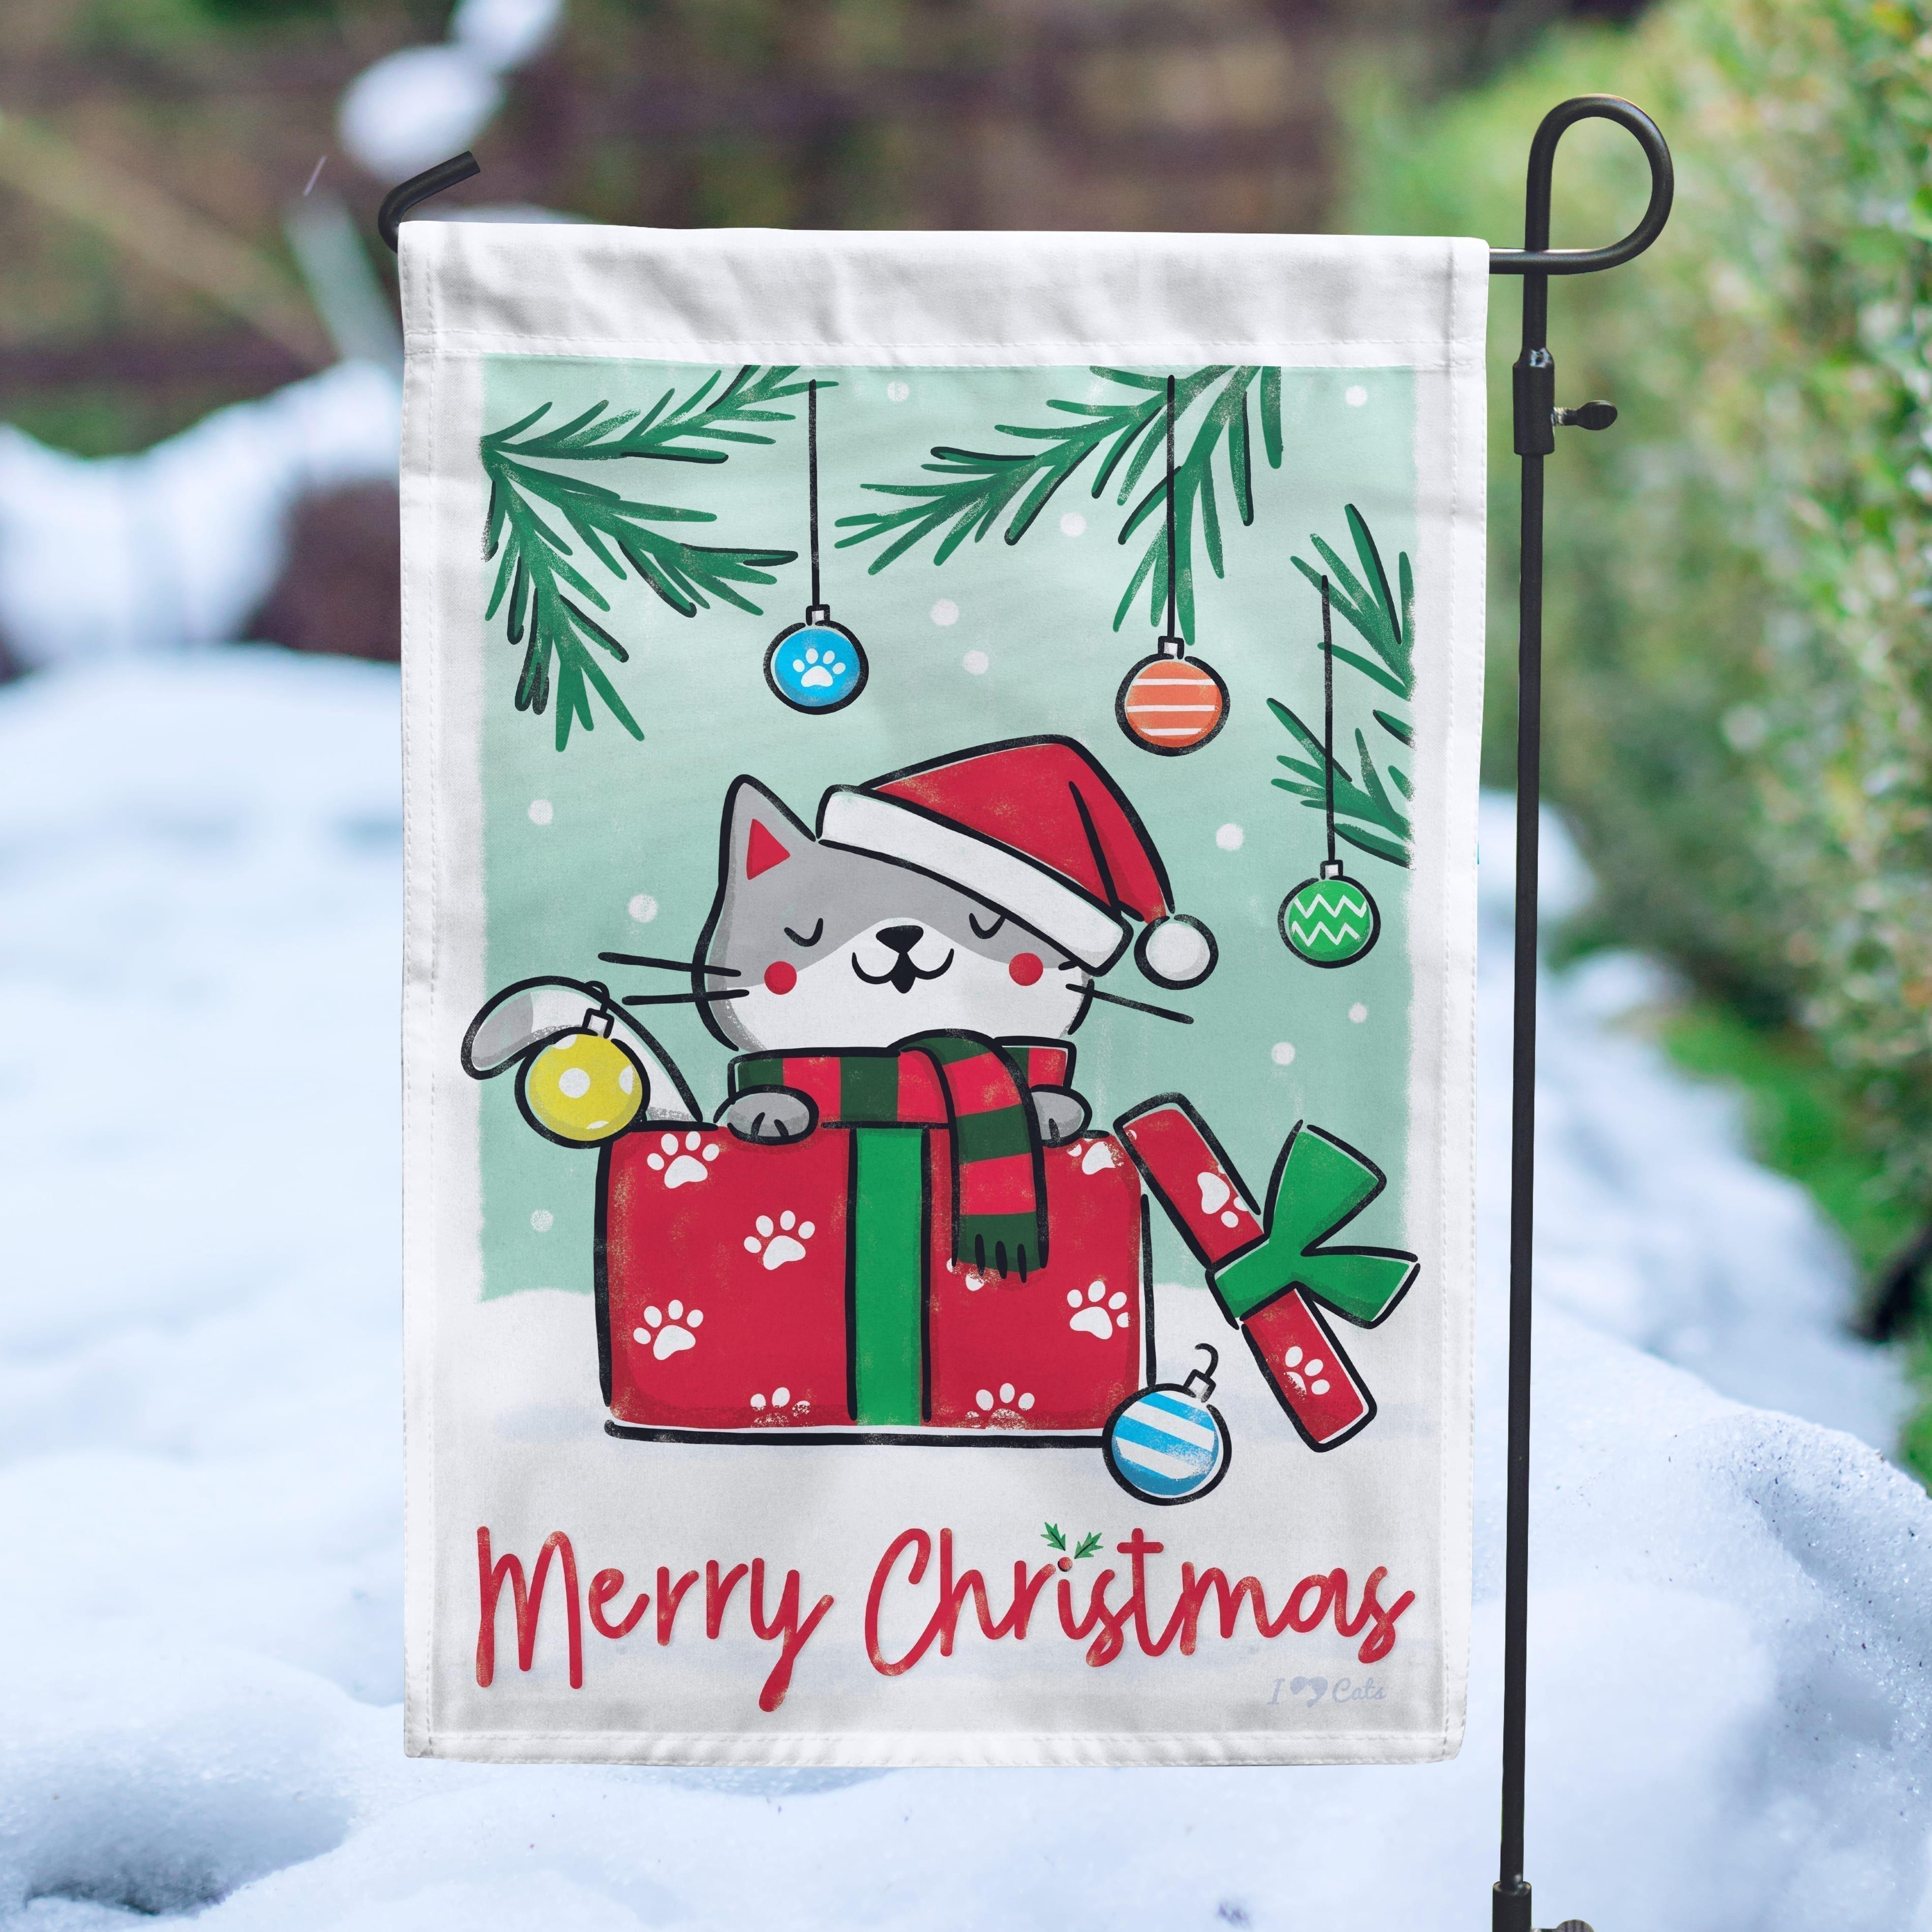 Merry Christmas Kitty Garden Flag - Get 2 for $14.99!